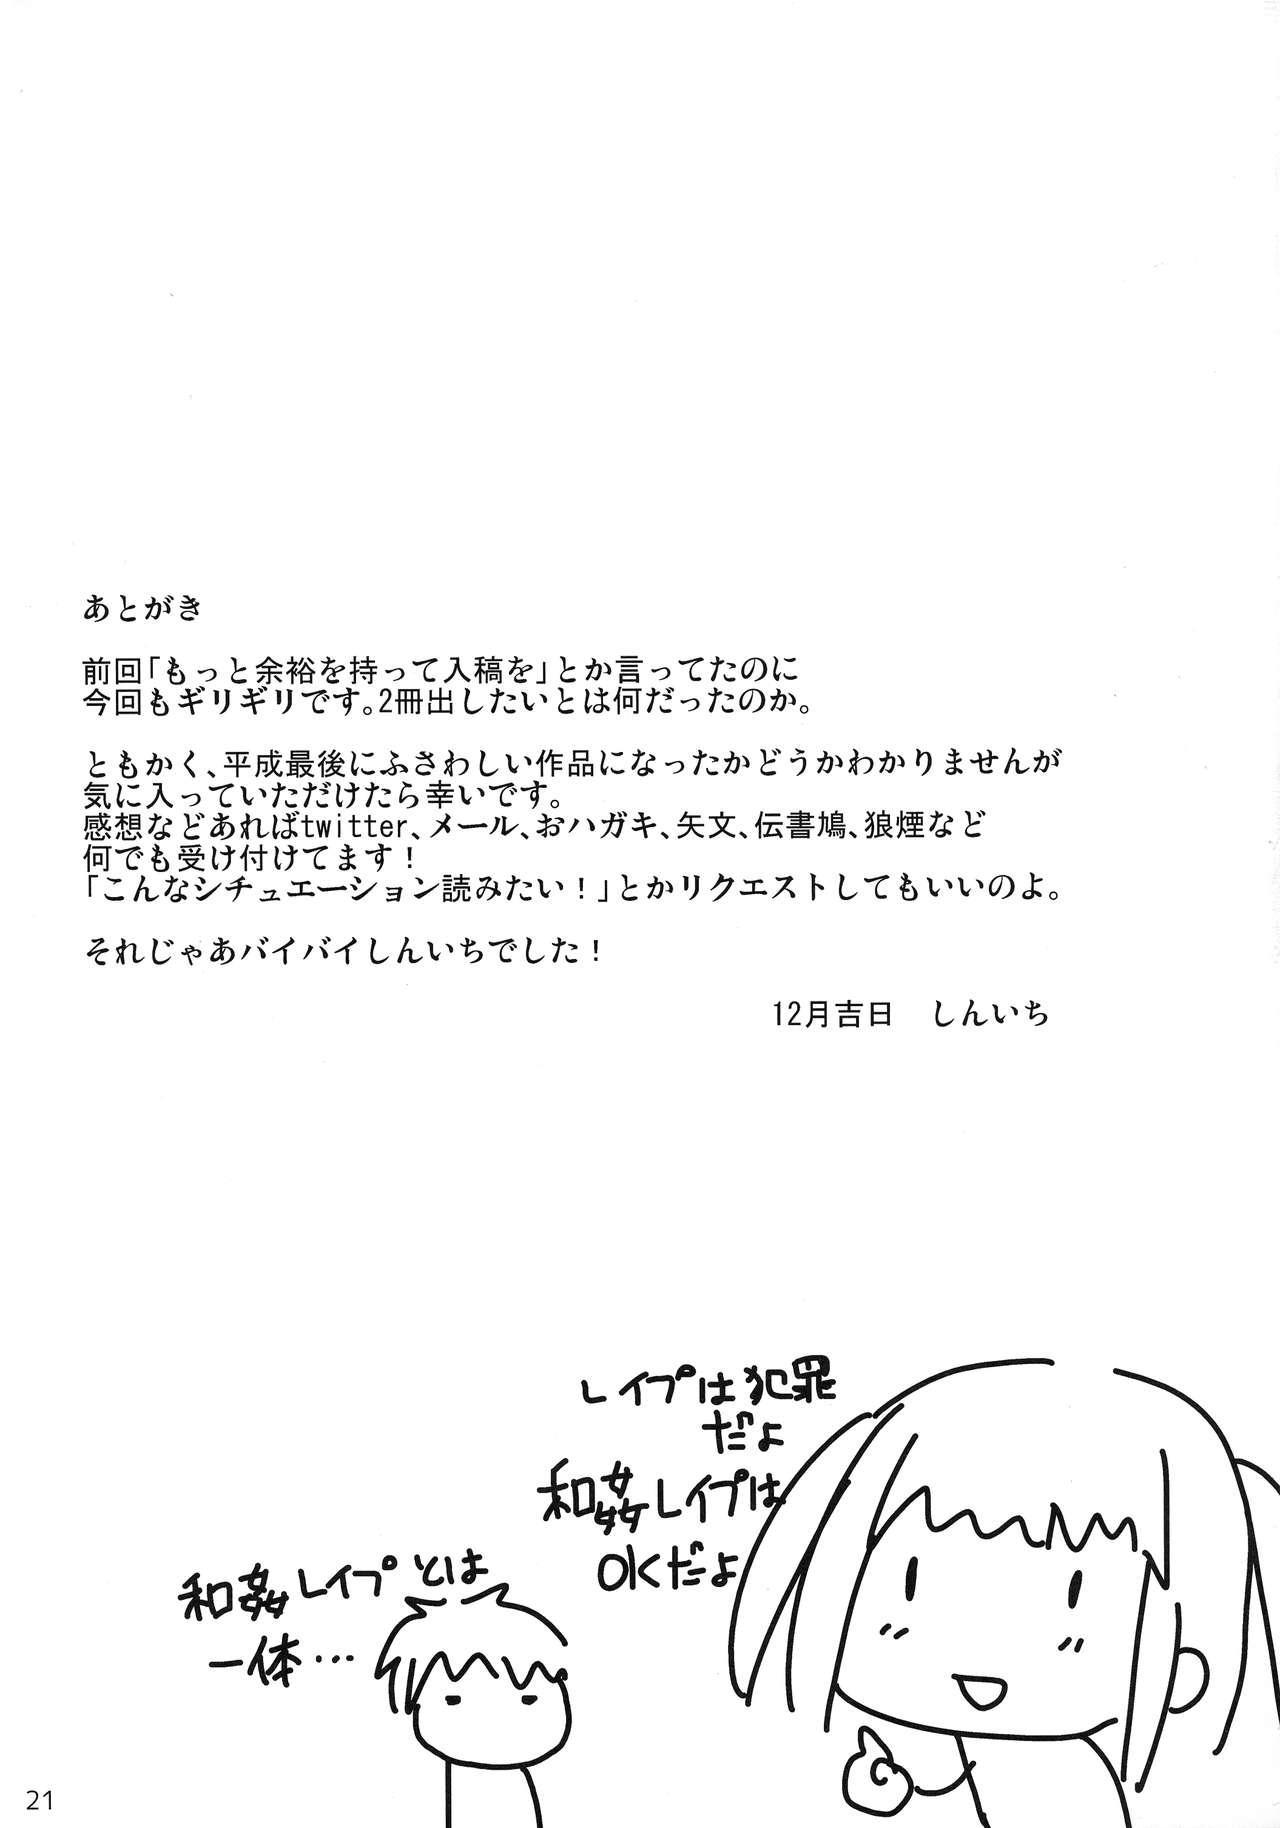 Tsuri Skirt no Onnanoko wa Rape Gokko ga Shitai Sou desu. 20